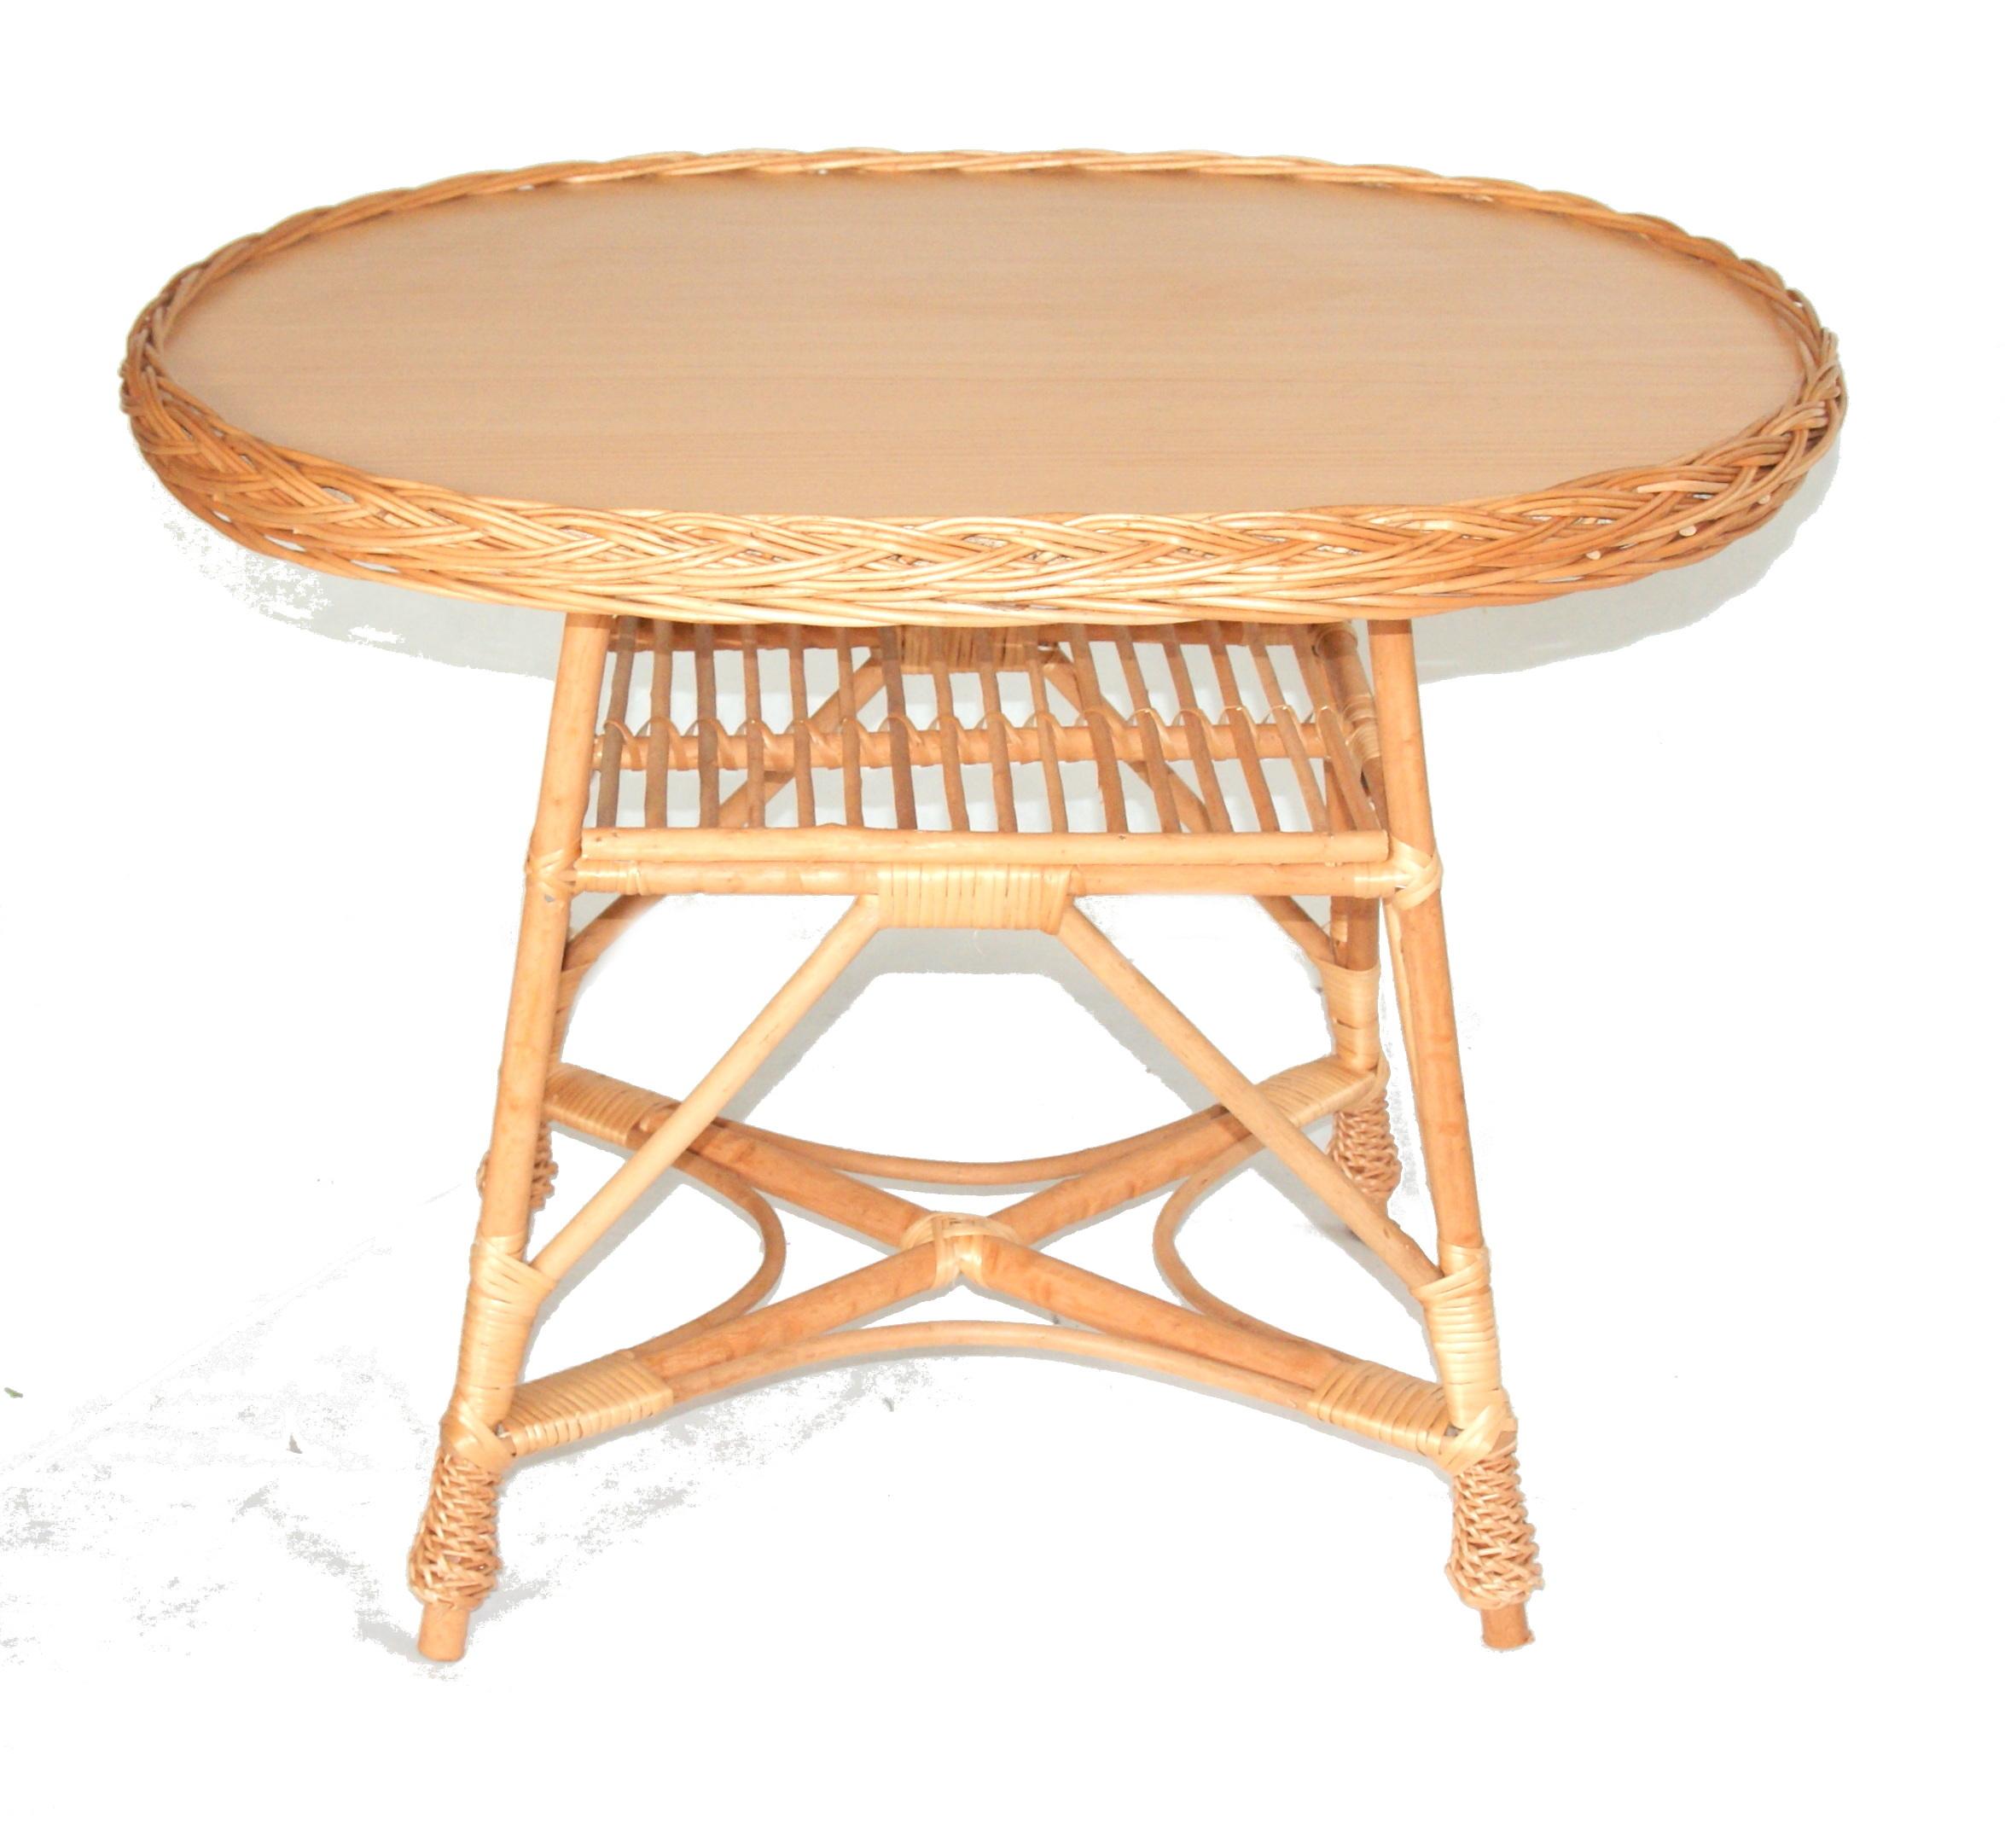 Prútený záhradný nábytok Prútený záhradný set Typ stola a stoličiek